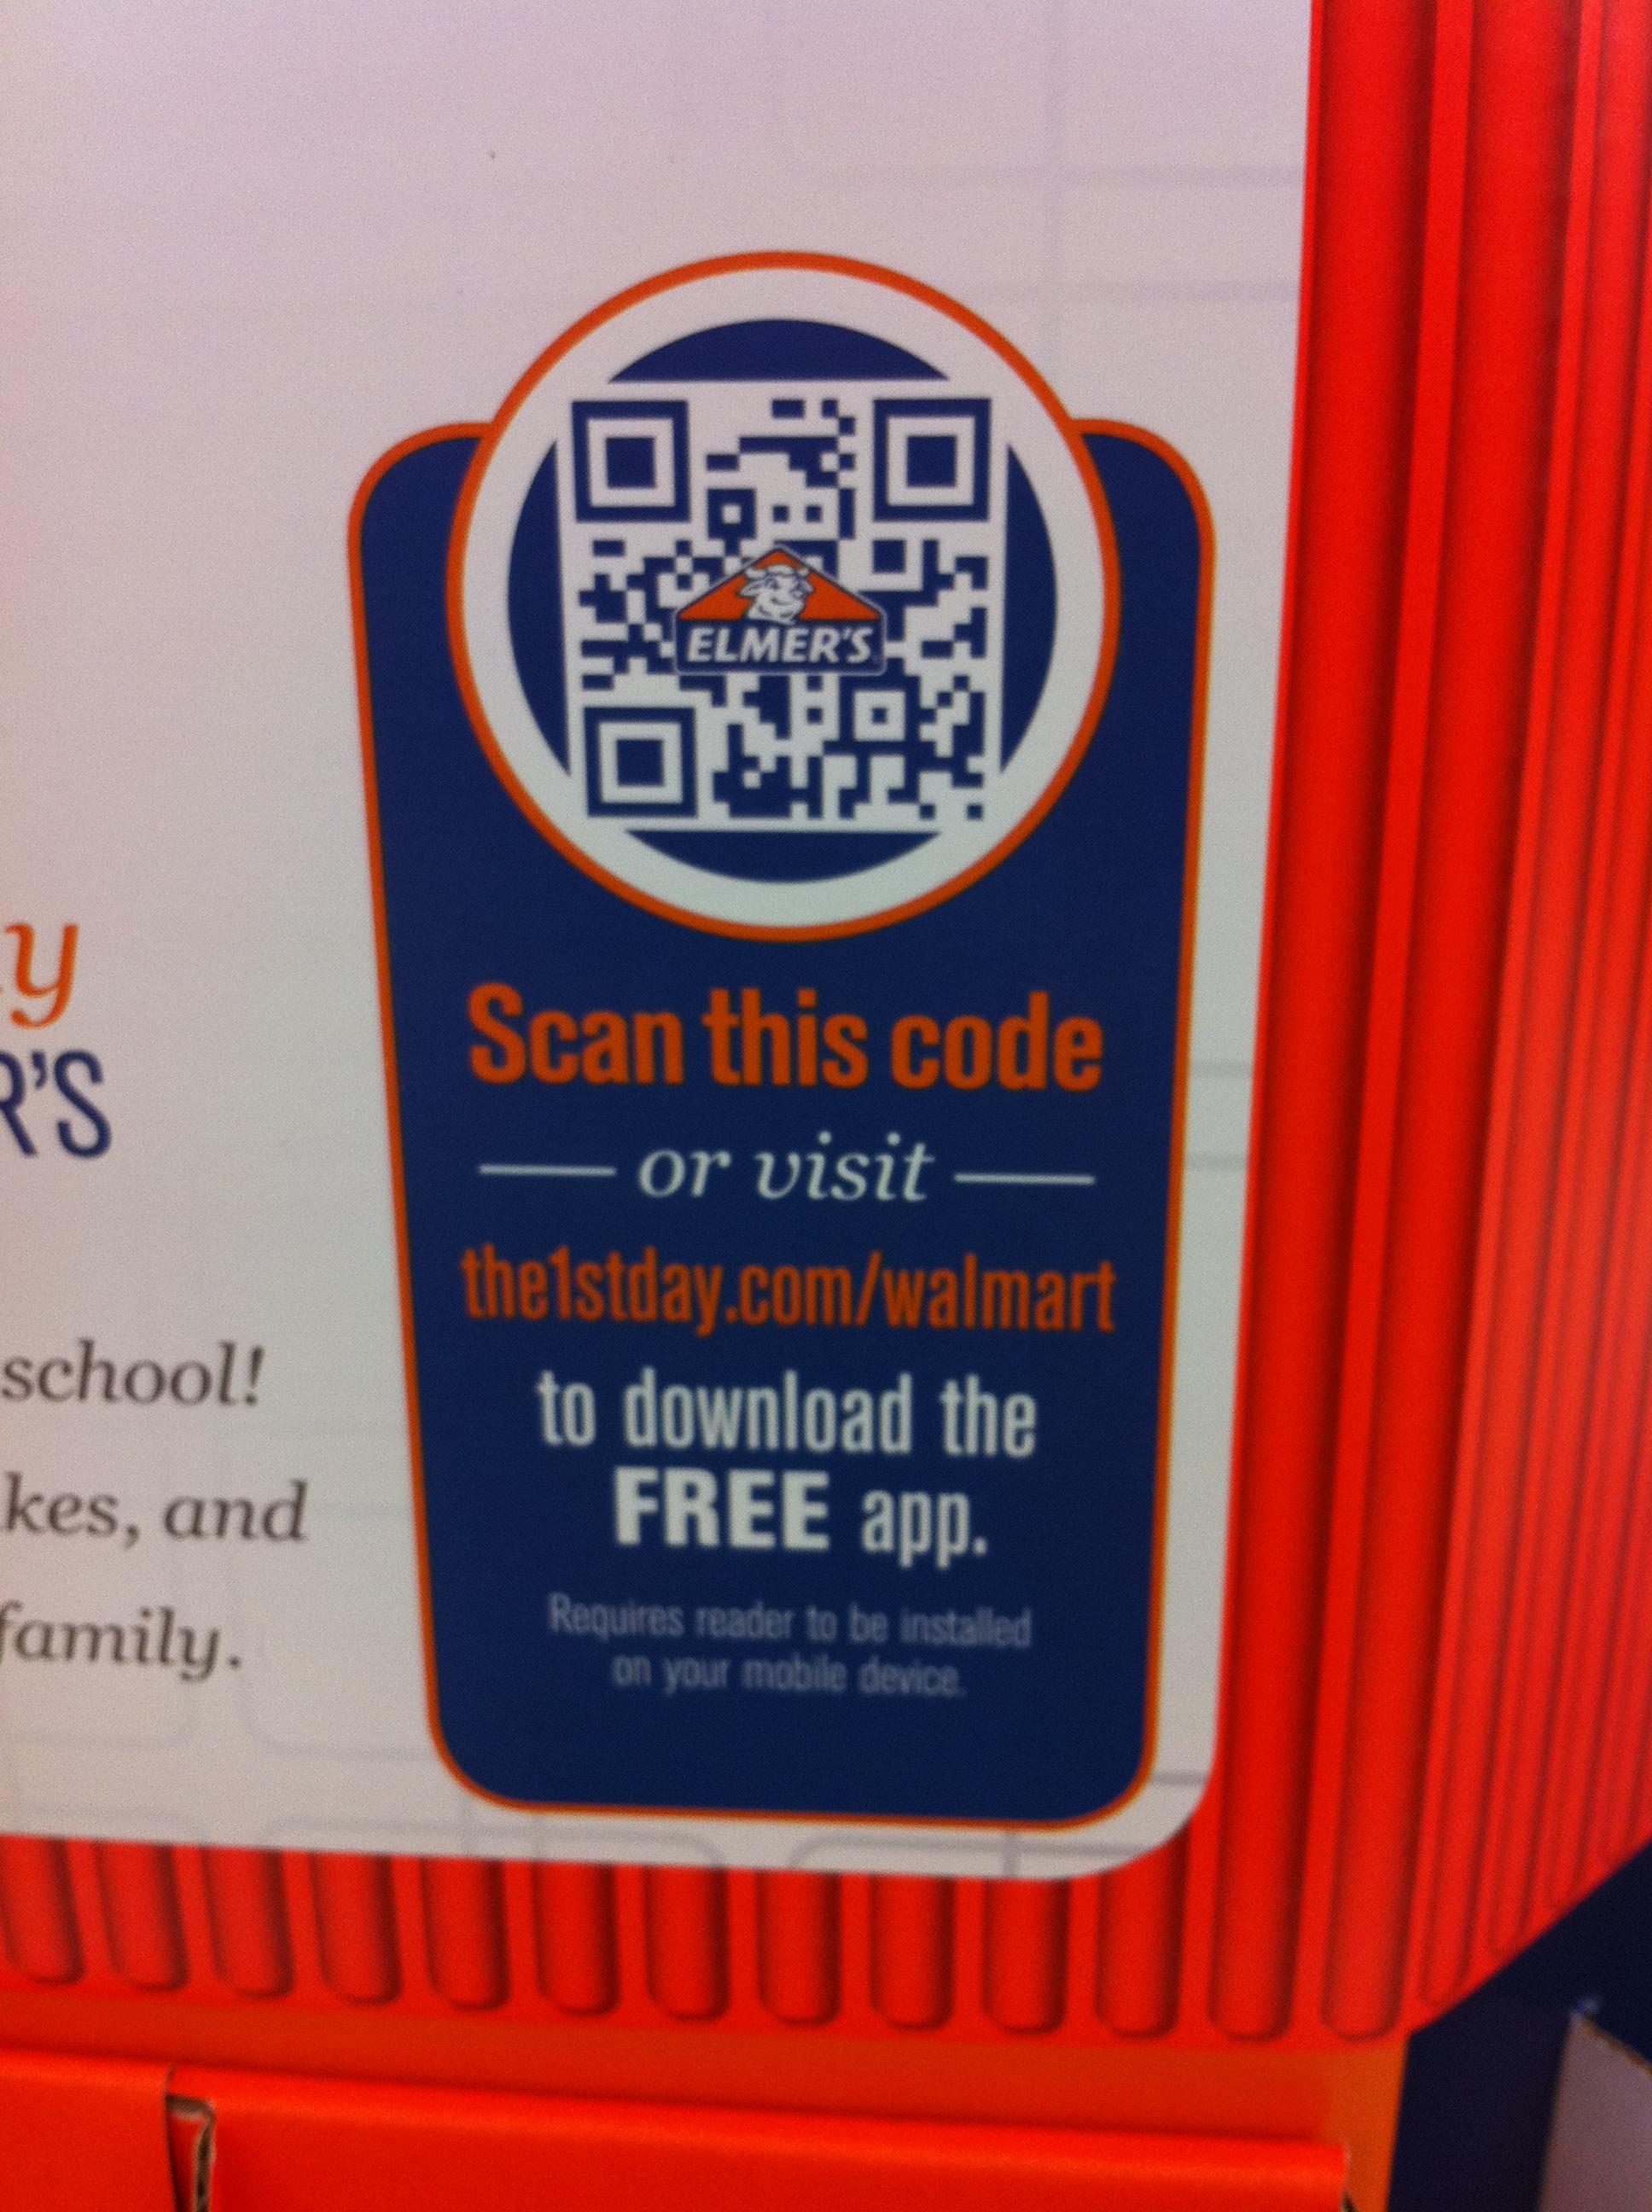 3ds games qr codes view original free 3ds games qr codes